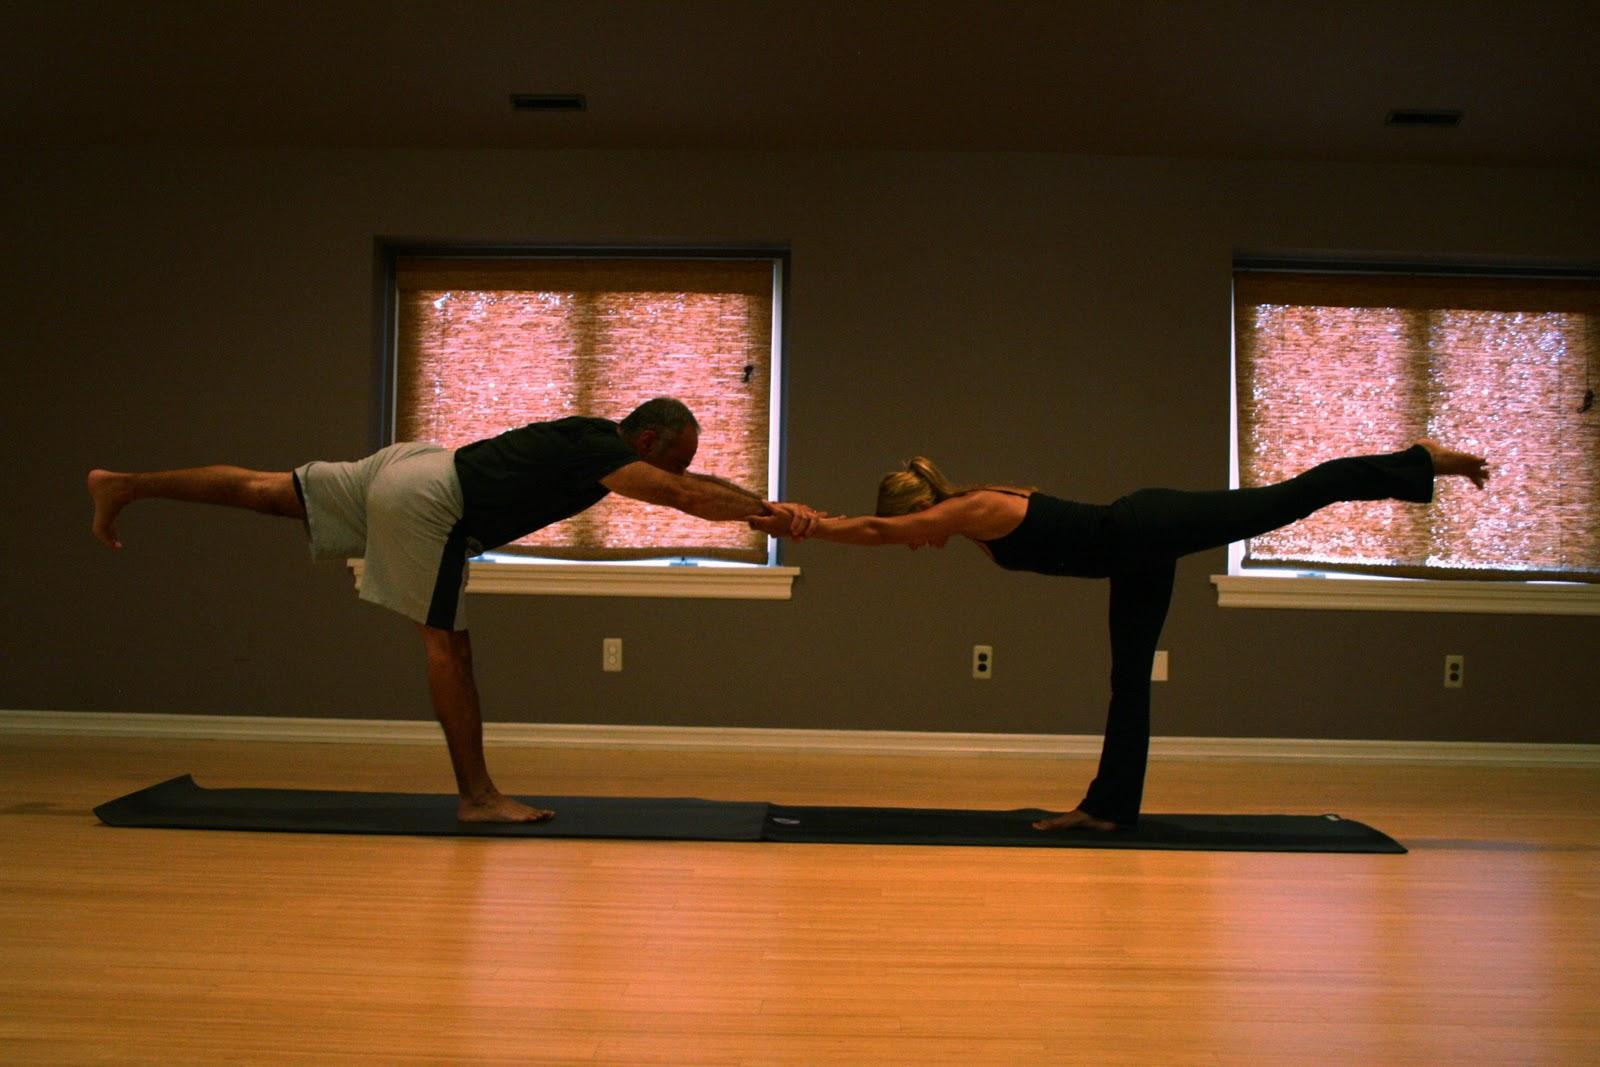 Amazoncom Yoga For Inflexible People Judi Rice Yoga for Inflexible People Michael Wohl Movies amp TV